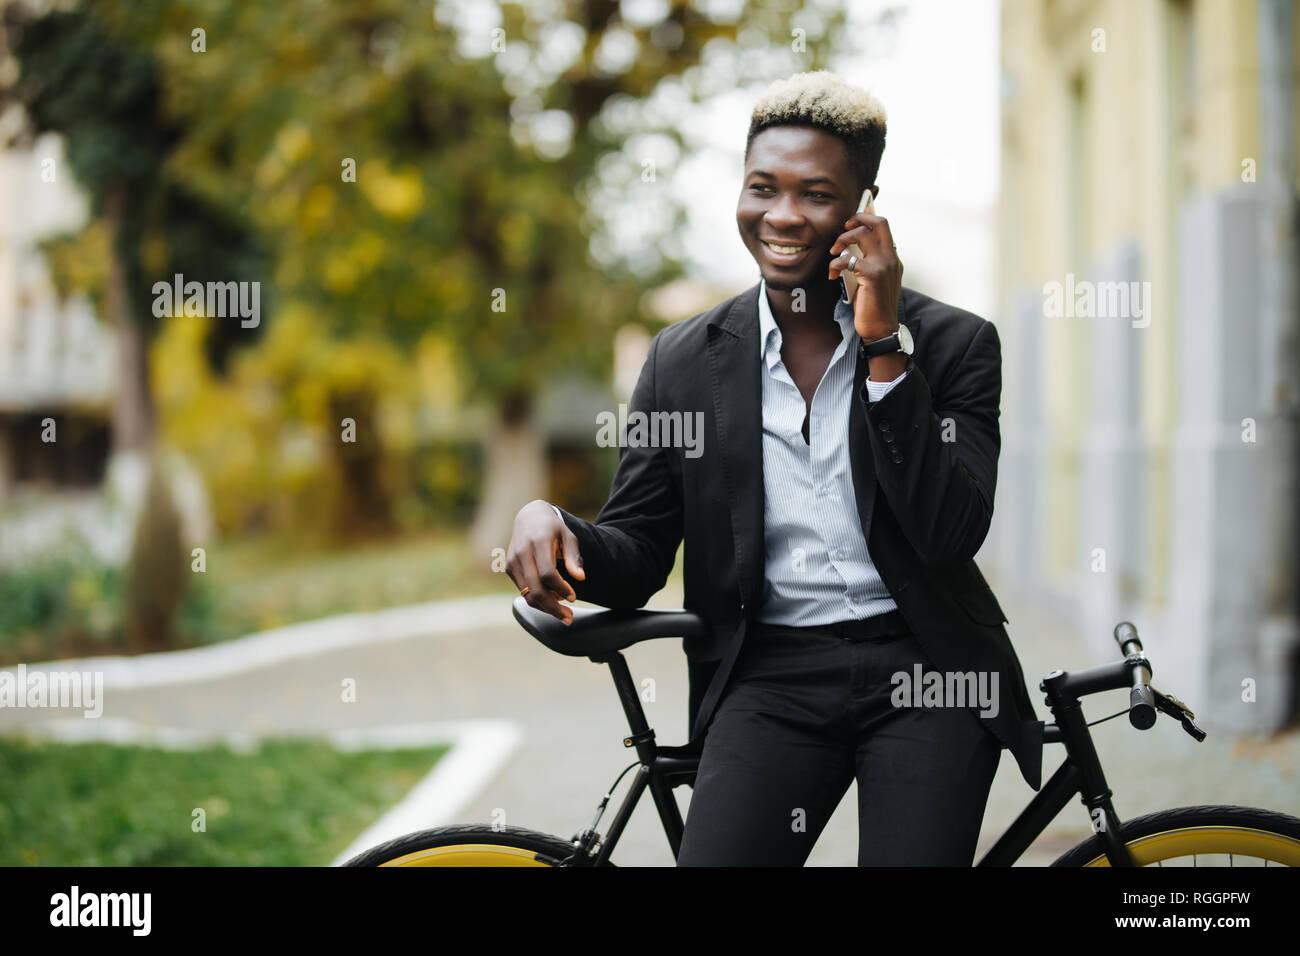 Ritratto di bel giovane utilizzando il telefono cellulare e il pignone fisso della bicicletta in strada. Foto Stock